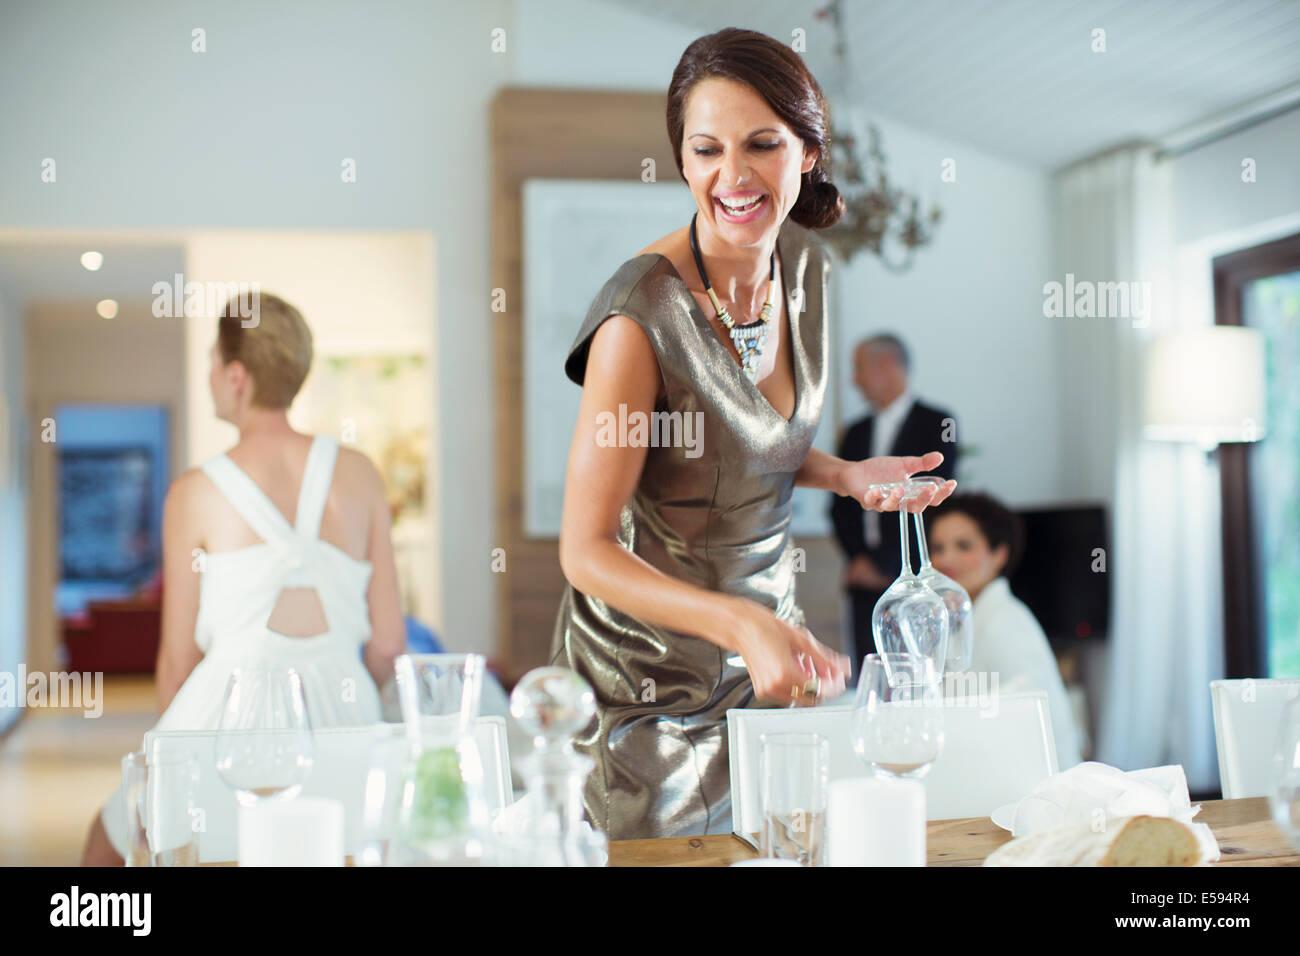 Tabla de ajustes para la mujer parte Imagen De Stock